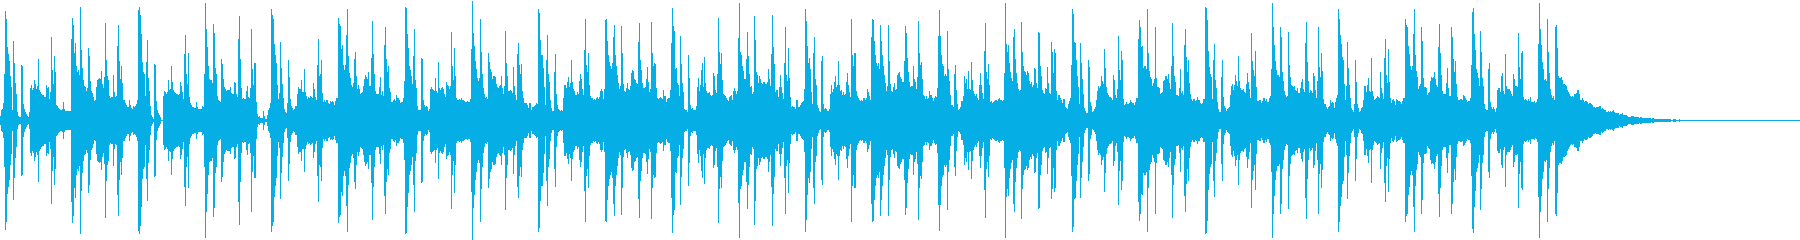 Pf「楽市」和風現代ジャズの再生済みの波形